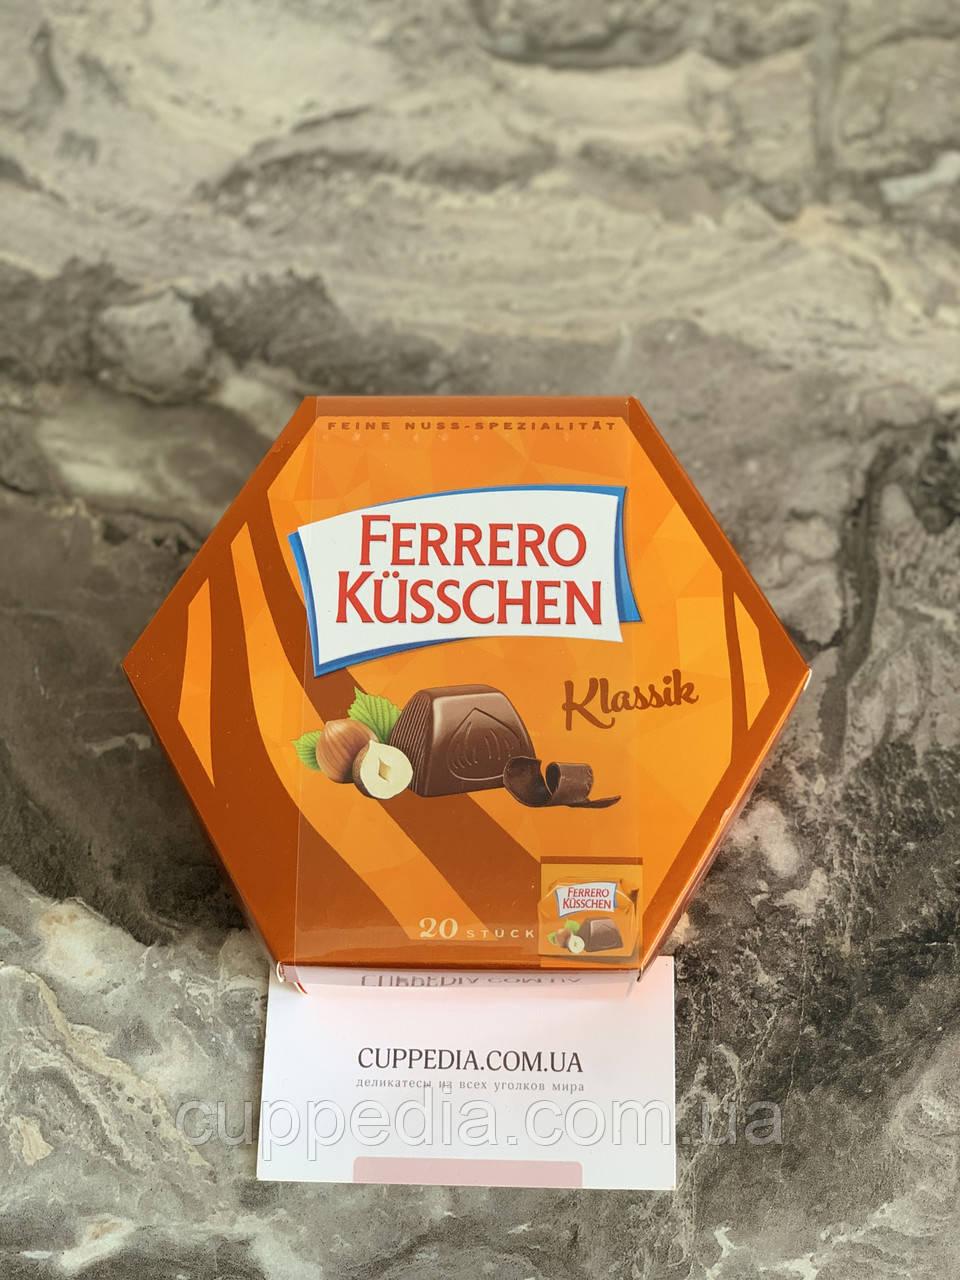 Цукерки Ferrero Küsschen 178 грм